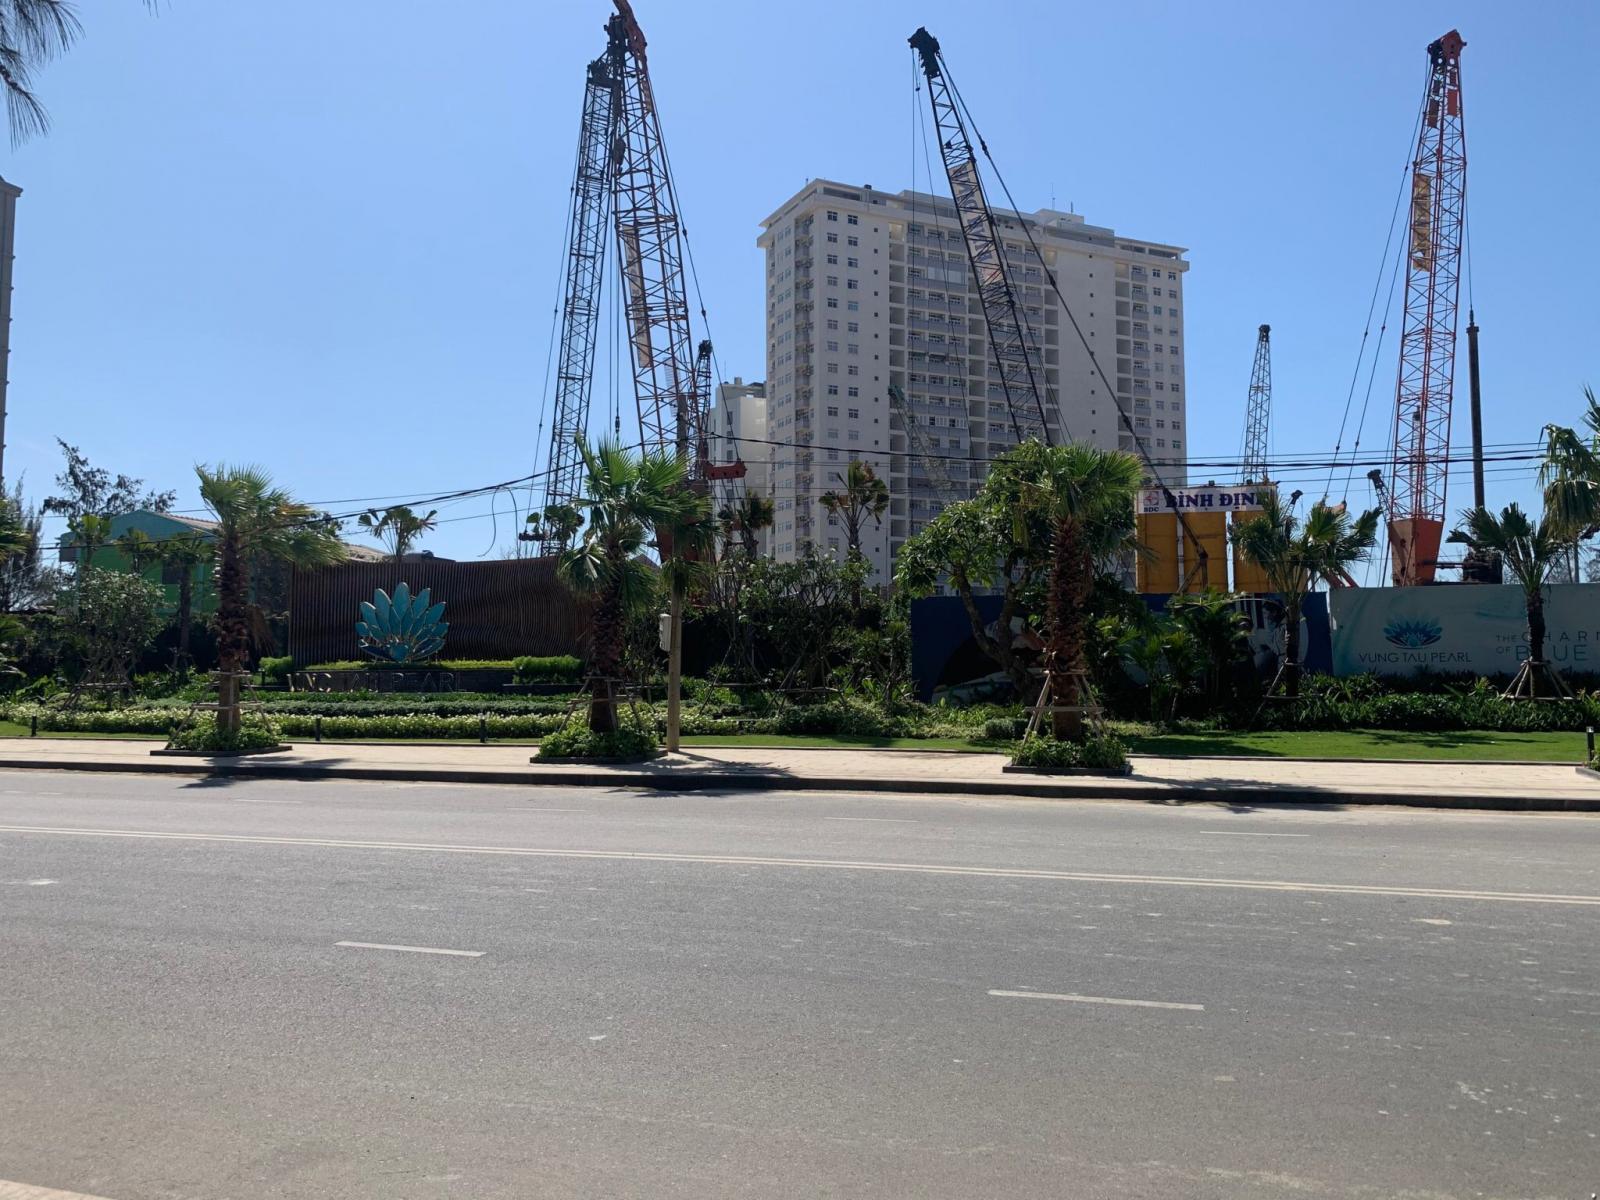 Dự án chung cư tại Bà Rịa - Vũng Tàu sắp hoàn thiện, xung quanh nhiều cẩu tháp